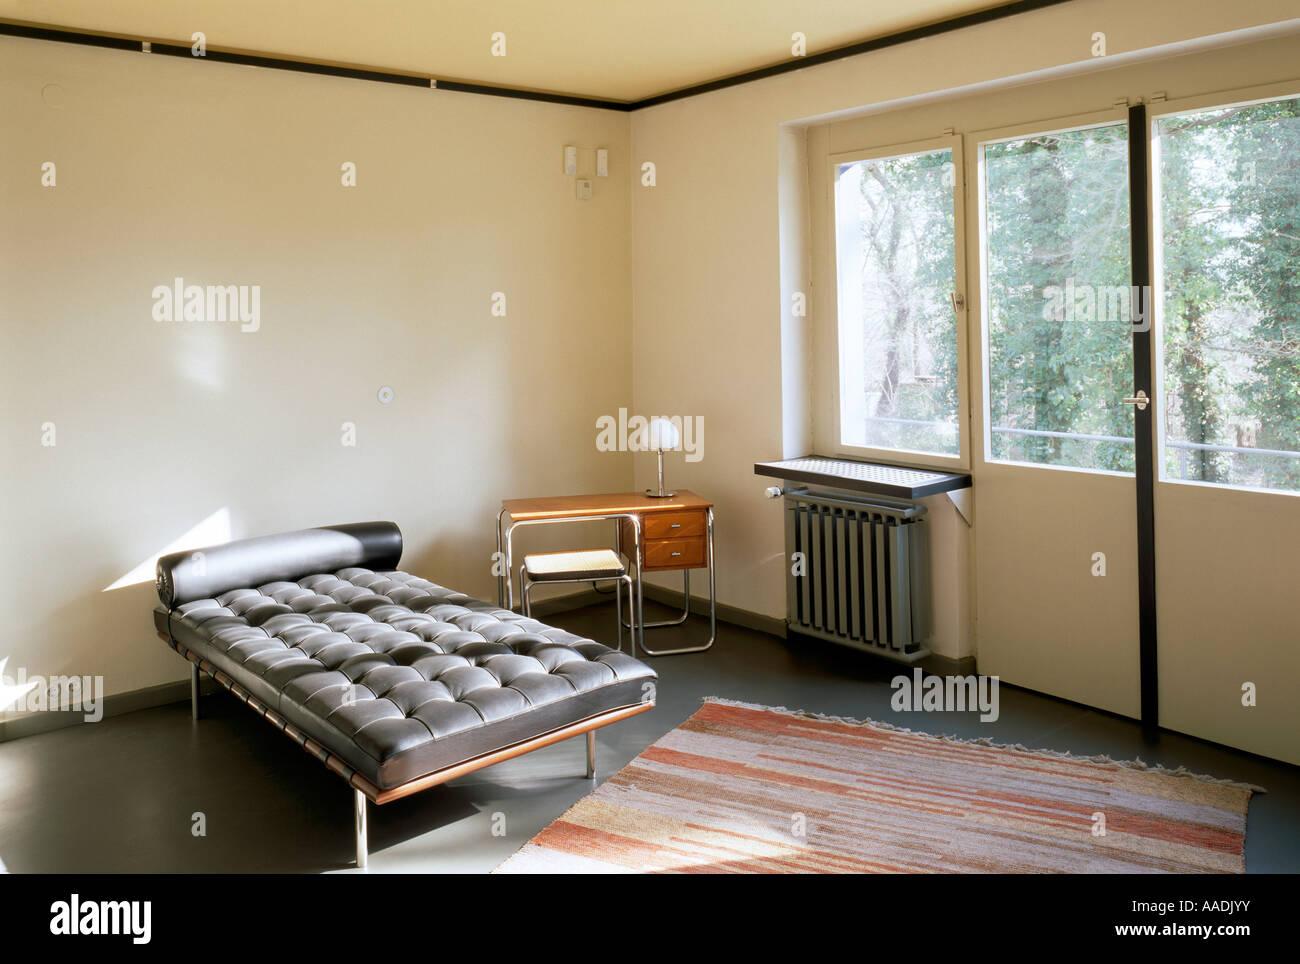 Dessau, Bauhaus Meisterhäuser, Feininger Haus, Wohnzimmer Von Julia  Feininger   Stock